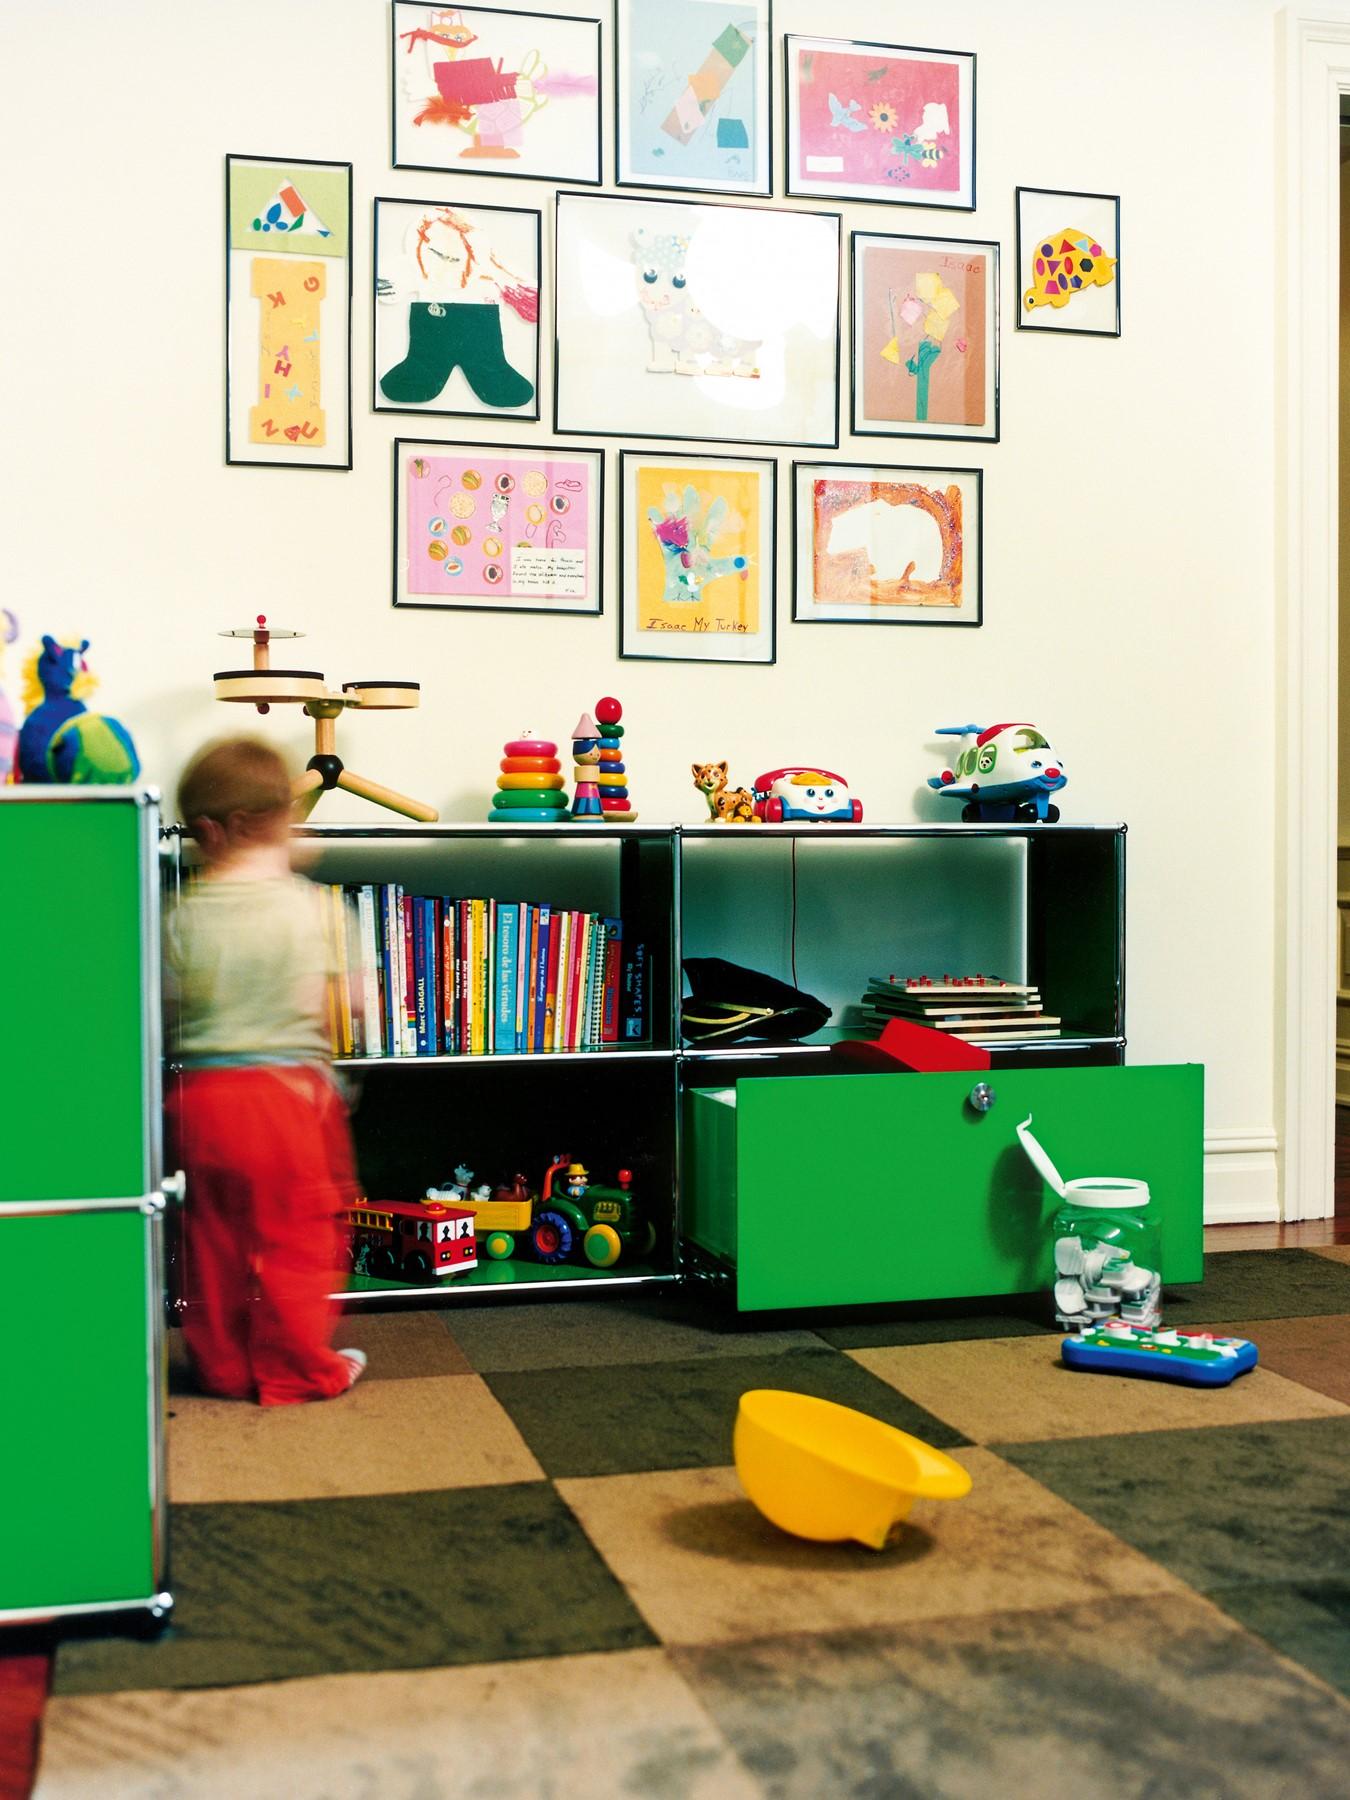 mit usm haller m bel aufbewahrungsl sungen f r spielzeug die ihre kinder lieben bruno. Black Bedroom Furniture Sets. Home Design Ideas